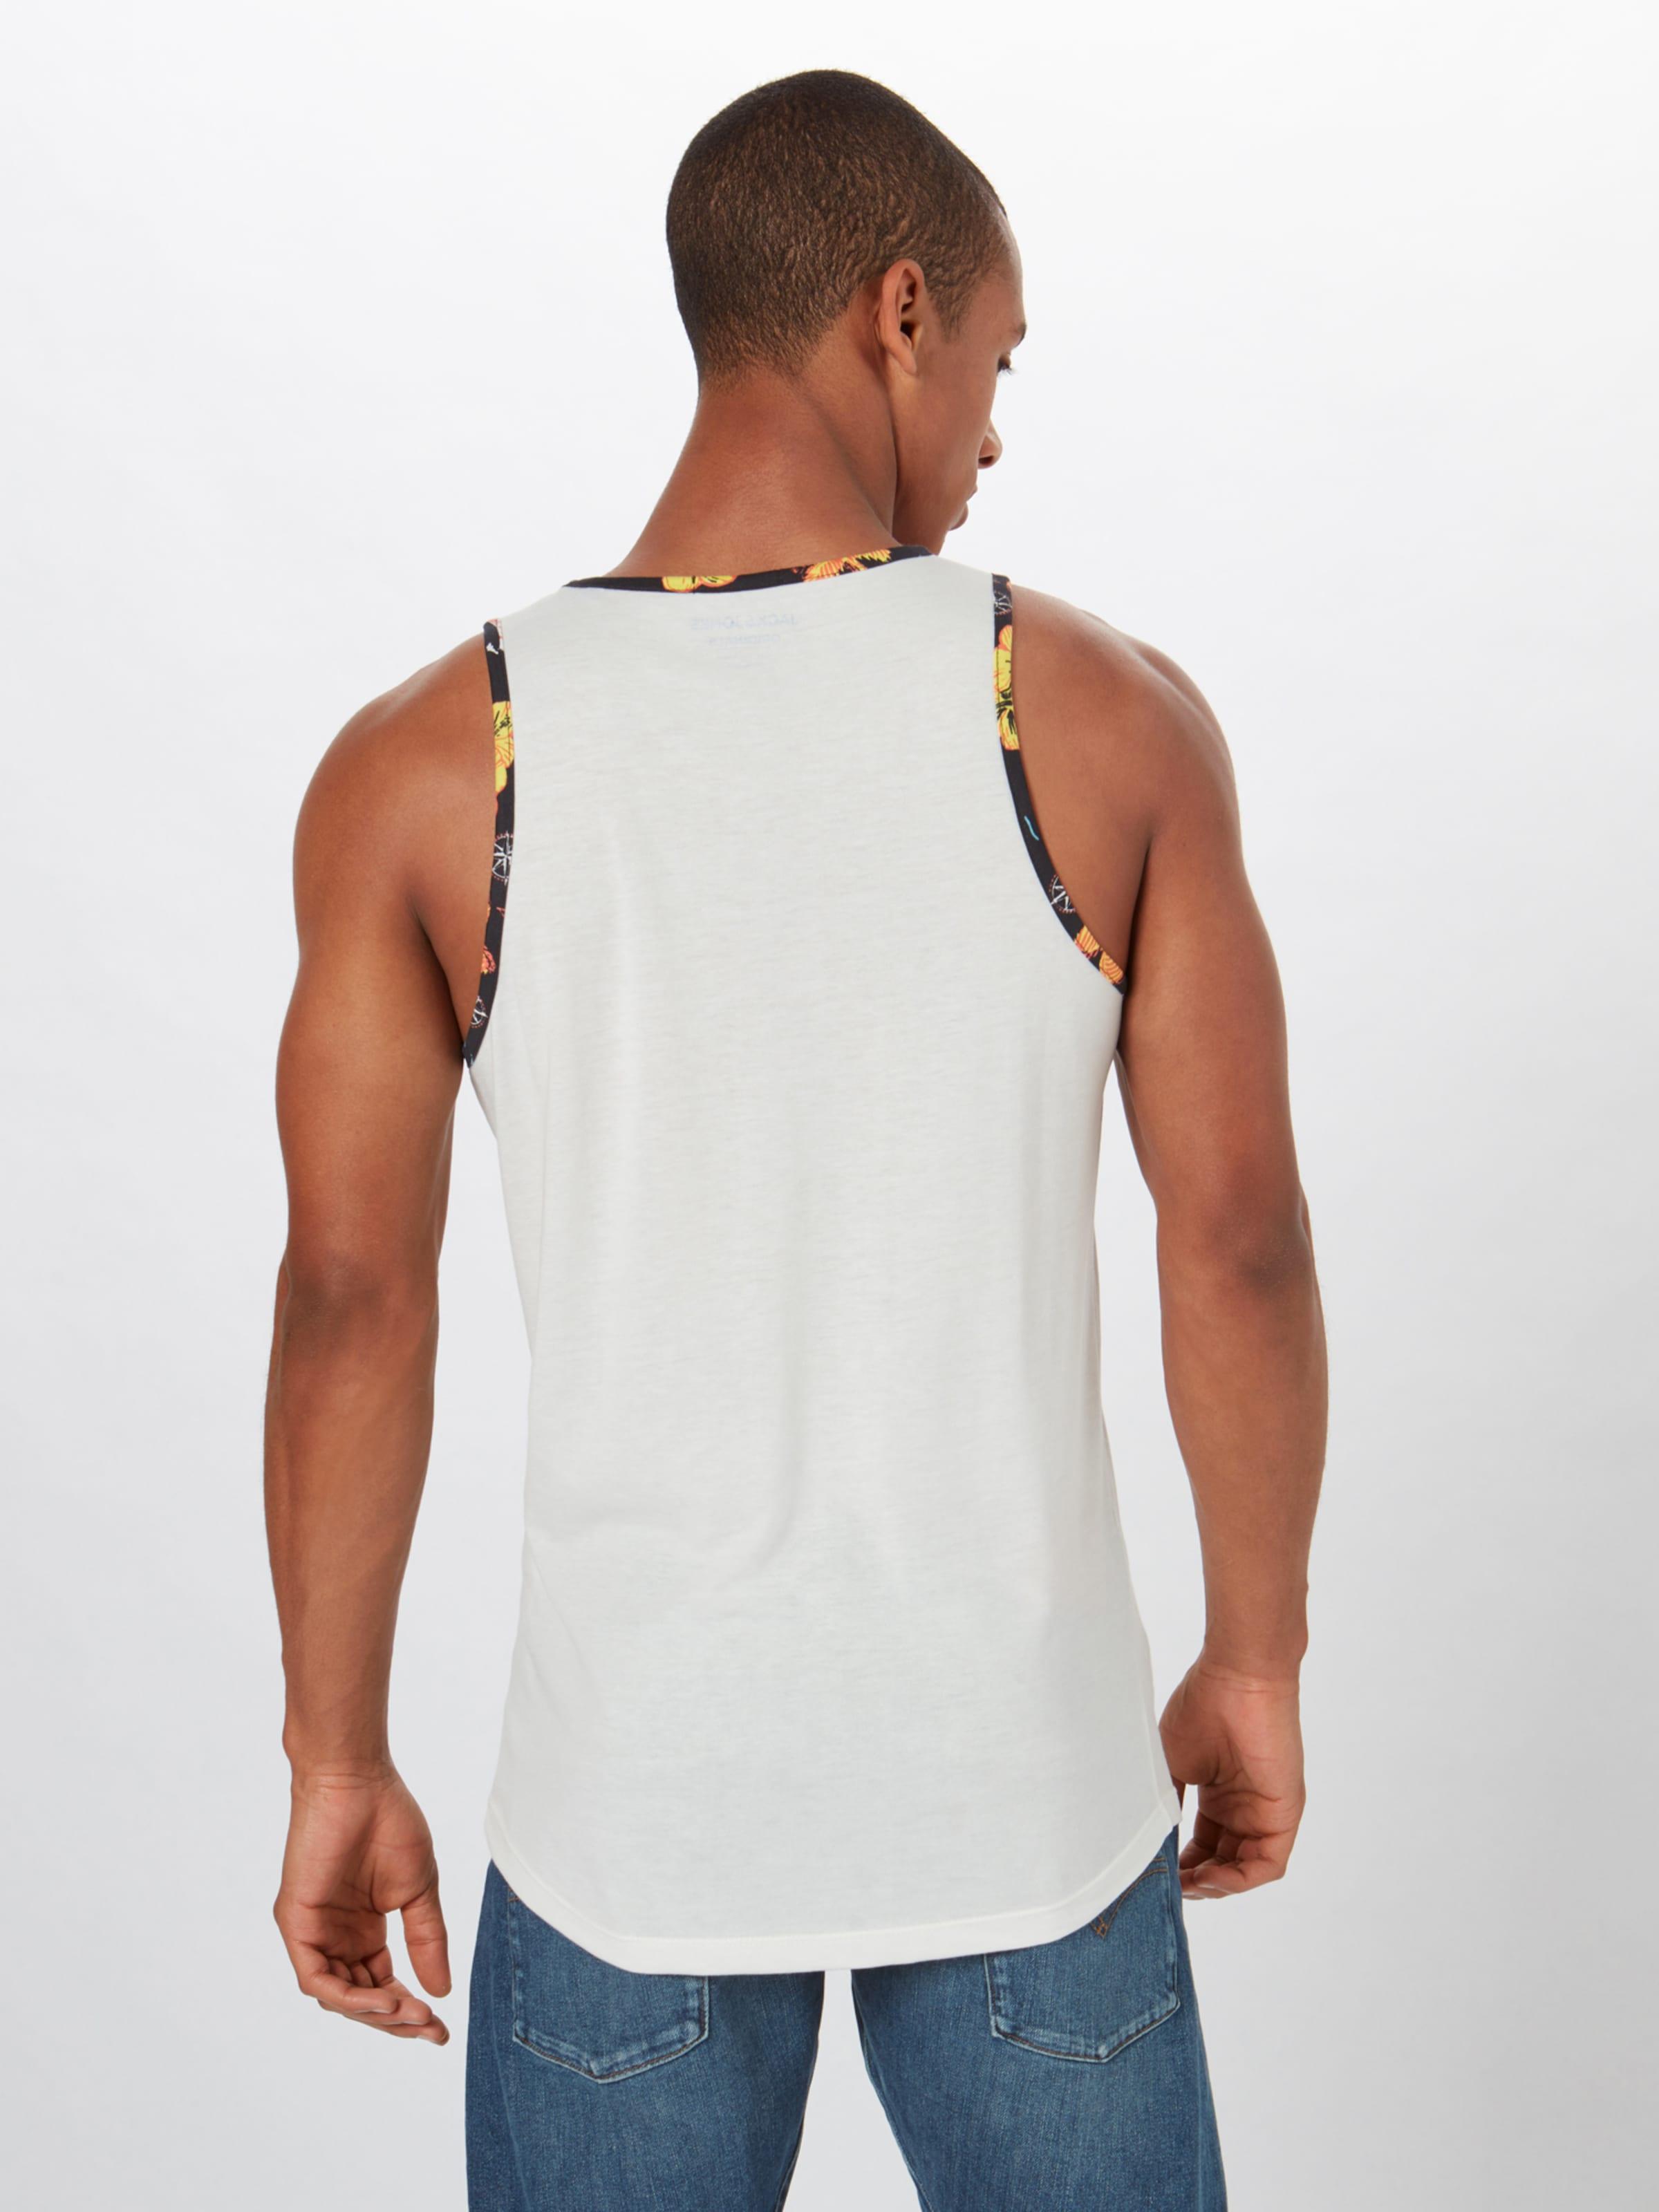 Jackamp; En De shirt T Mélange 'molokai' Jones CouleursBlanc nP0Owk